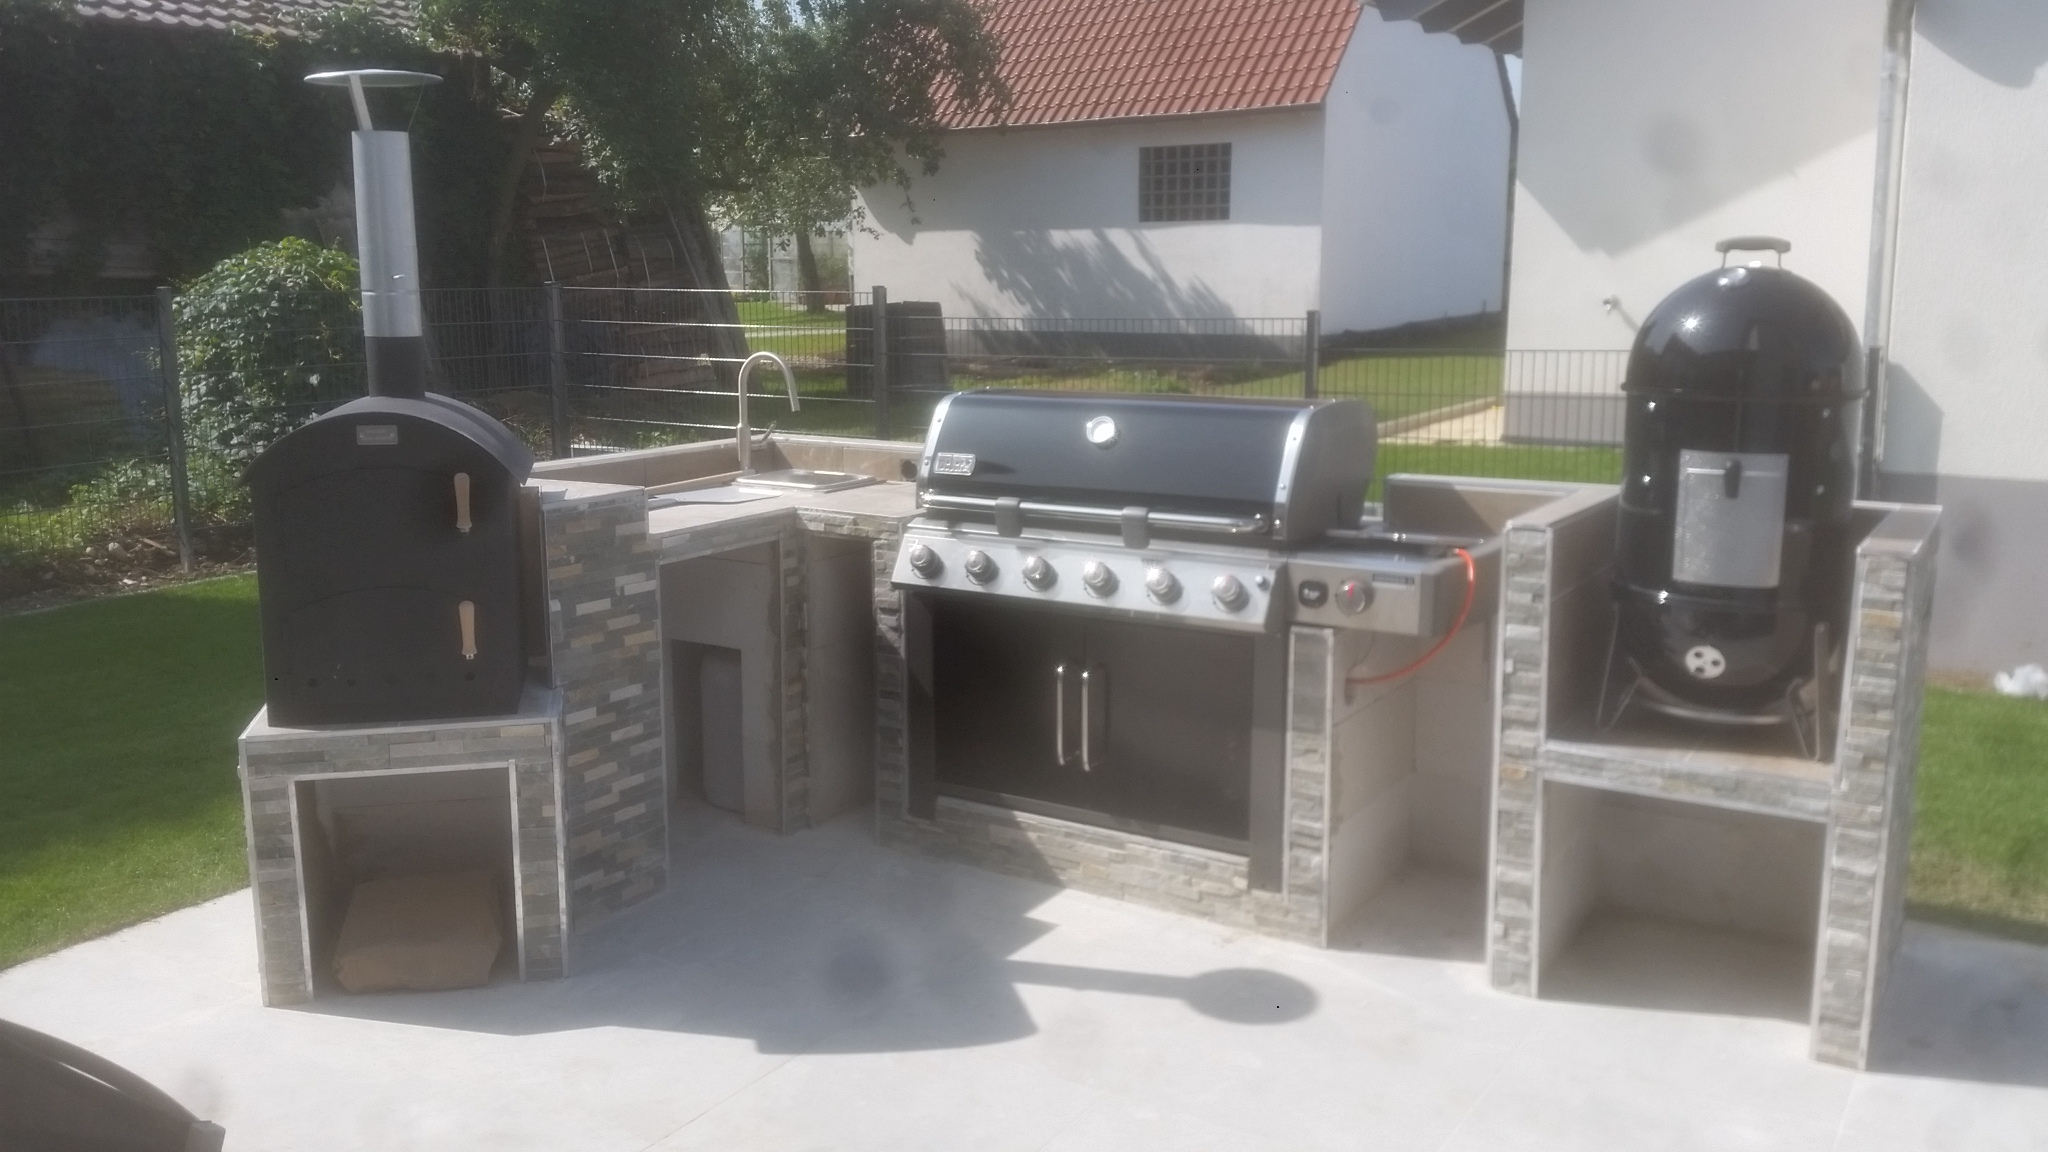 Outdoor Küche Gasflasche : Die outdoor küche rezepte outdoorküche und kochutensilien